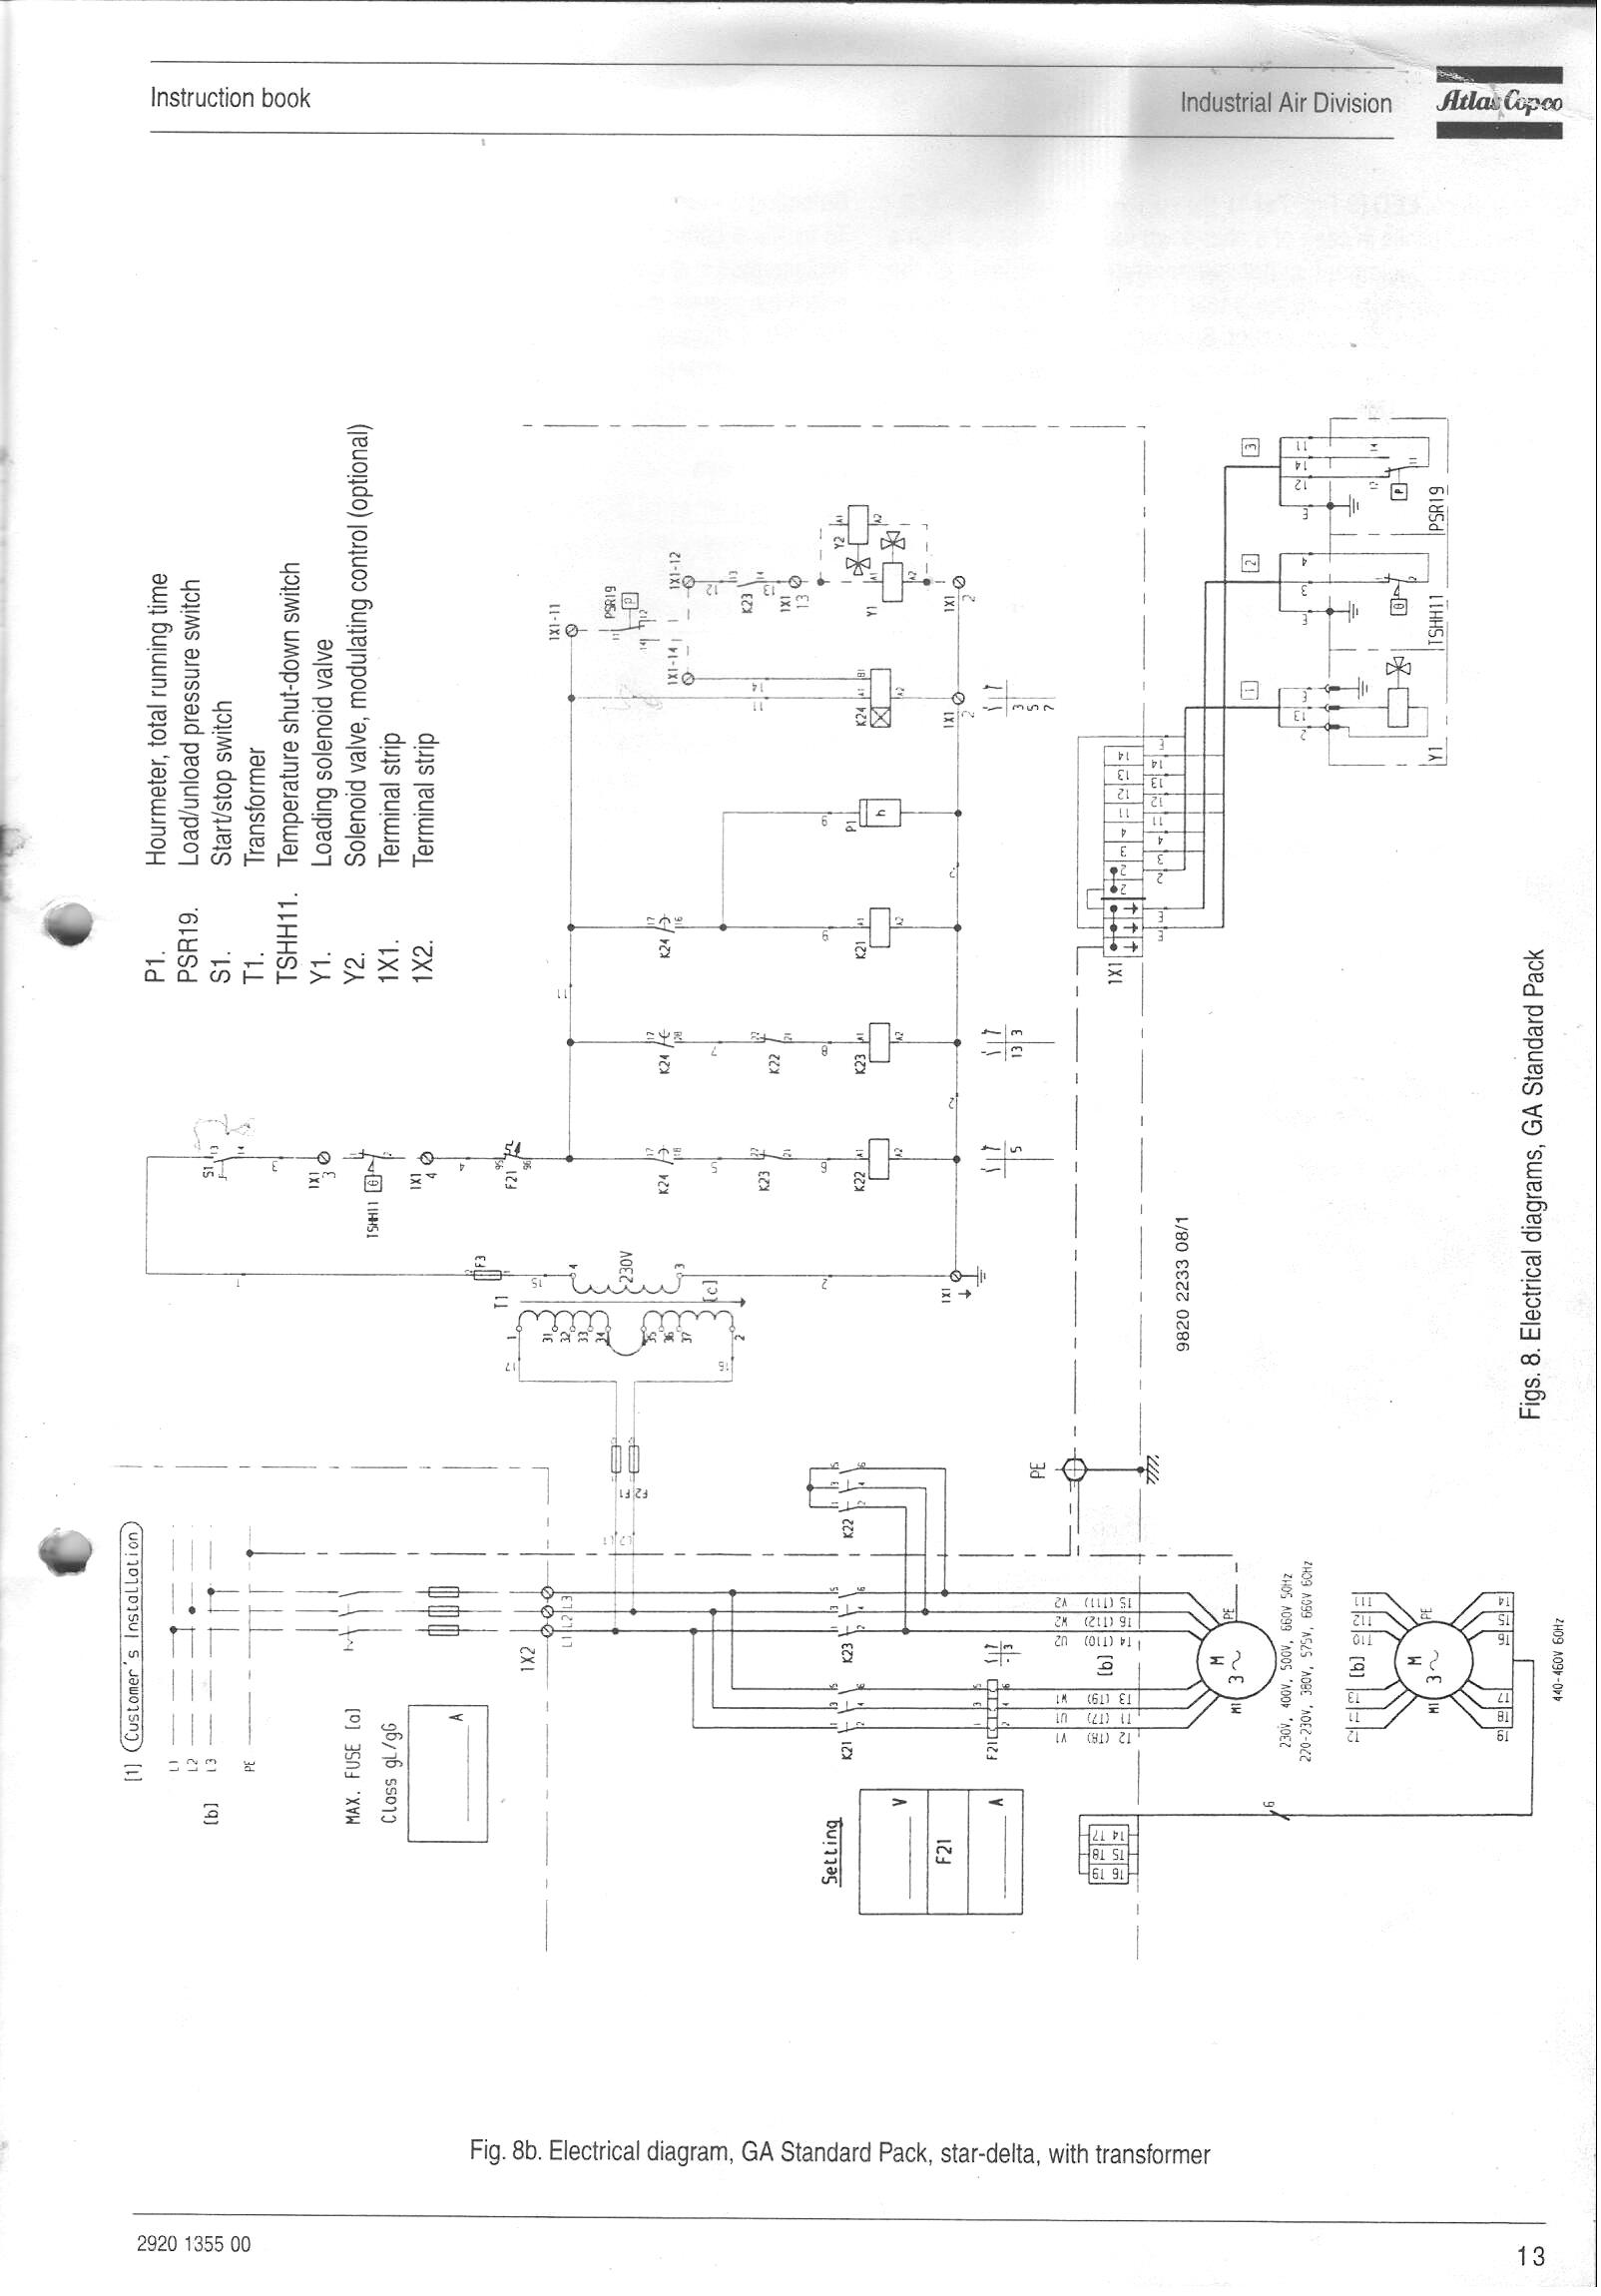 Ee Atlas Copco Wiring Schematic Free Diagram